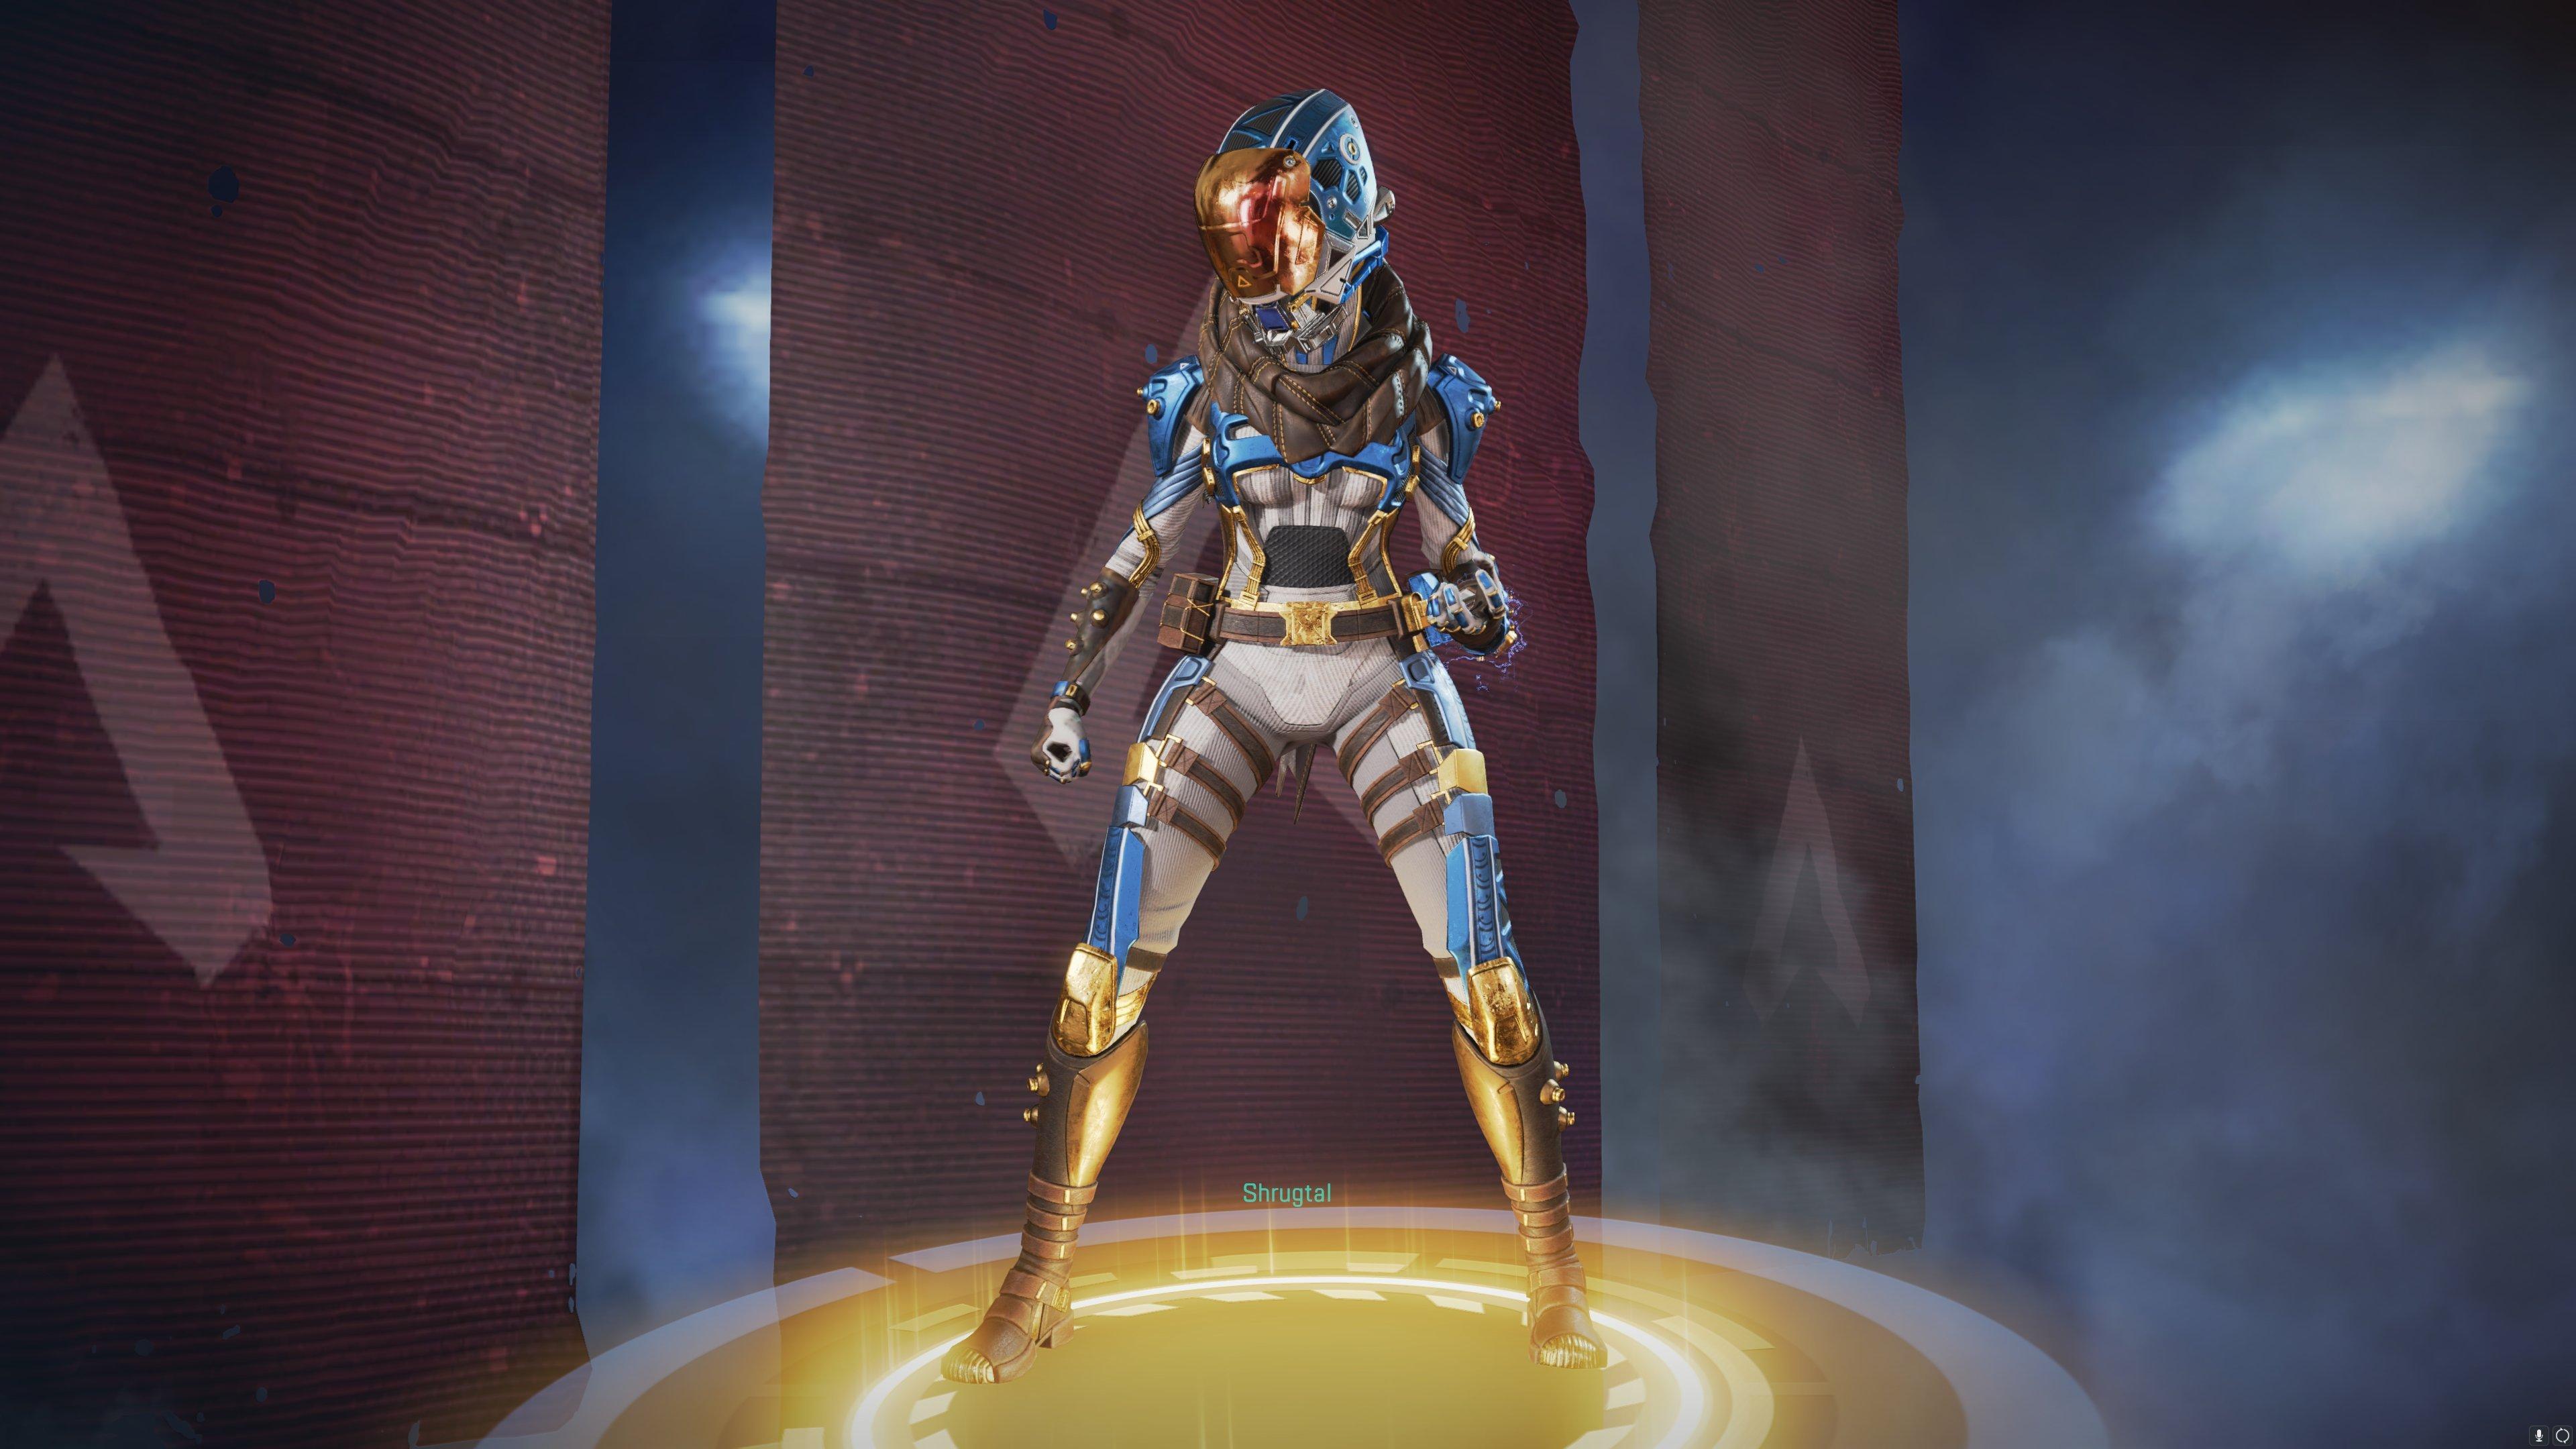 Wraith's Phasewalker skin